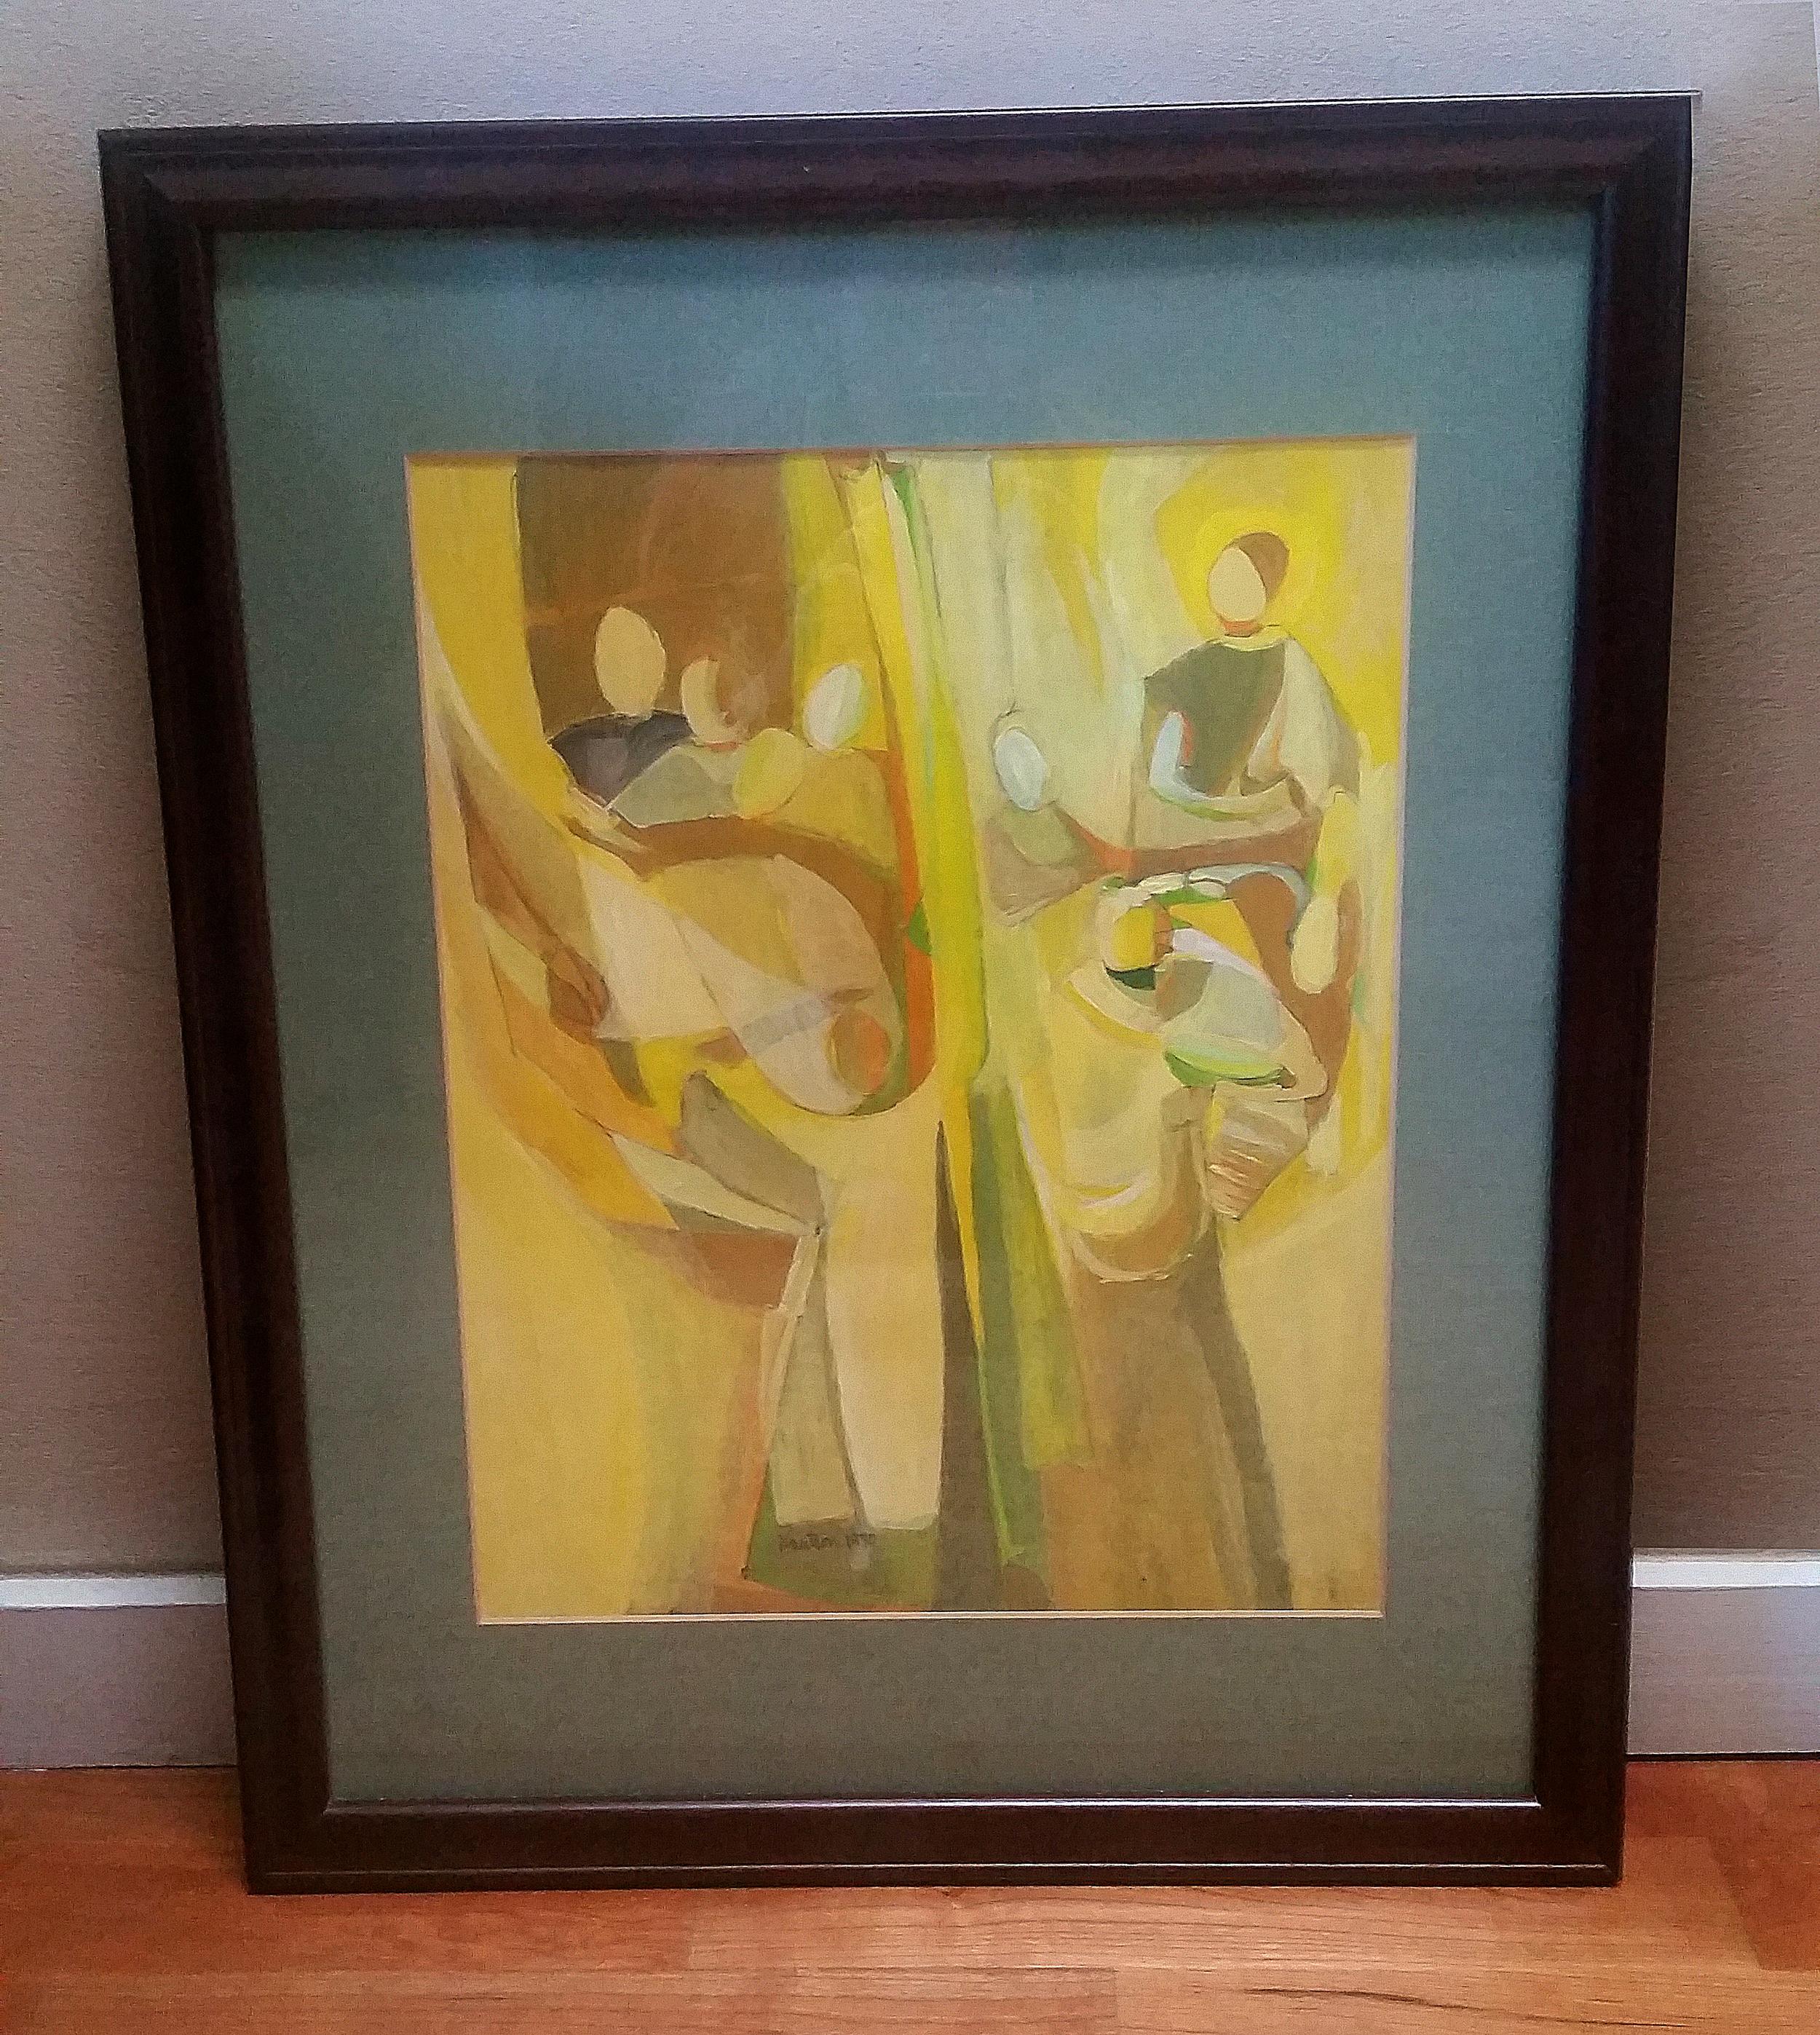 Framed original art by Nancy Phillips